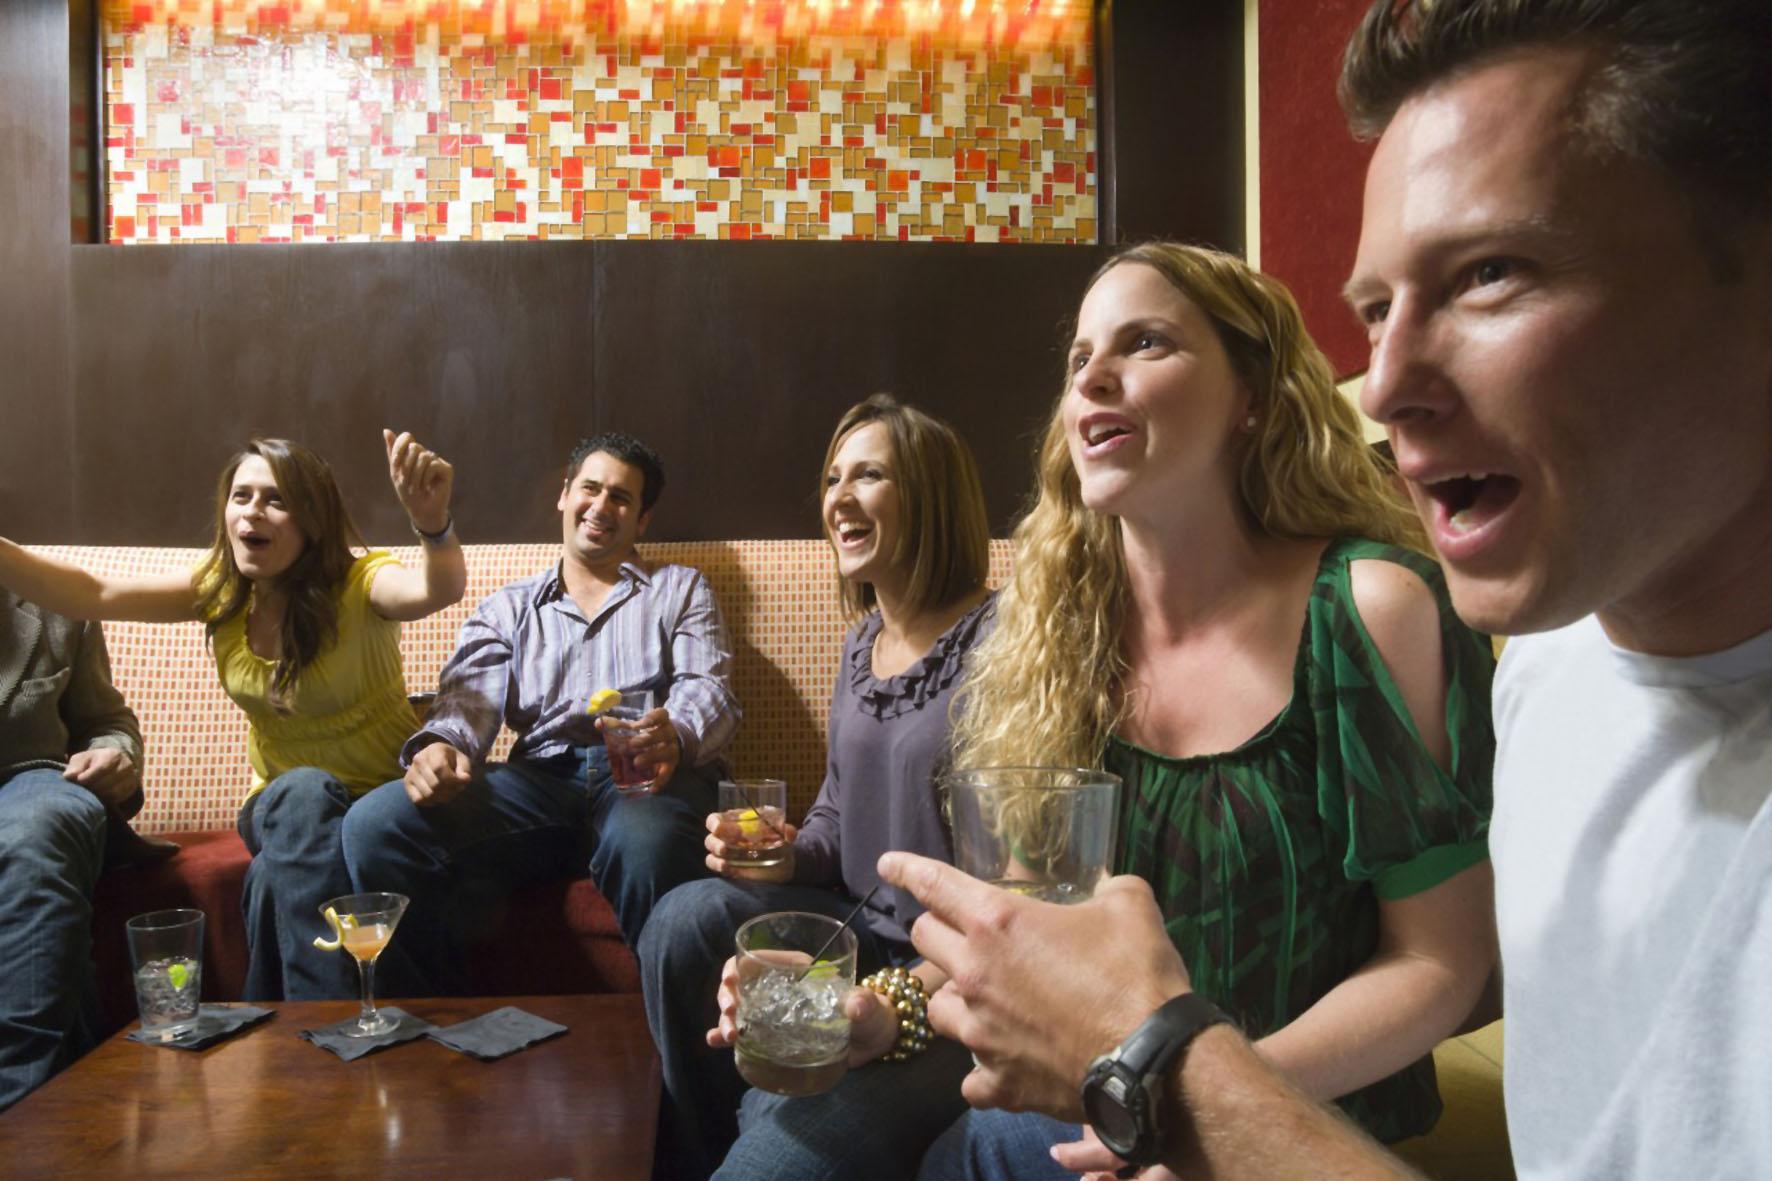 Beim Privat Viewing genießen die Gäste das aufregende Fußball-WM vergnügen ganz entspannt mit einem guten Cocktail.